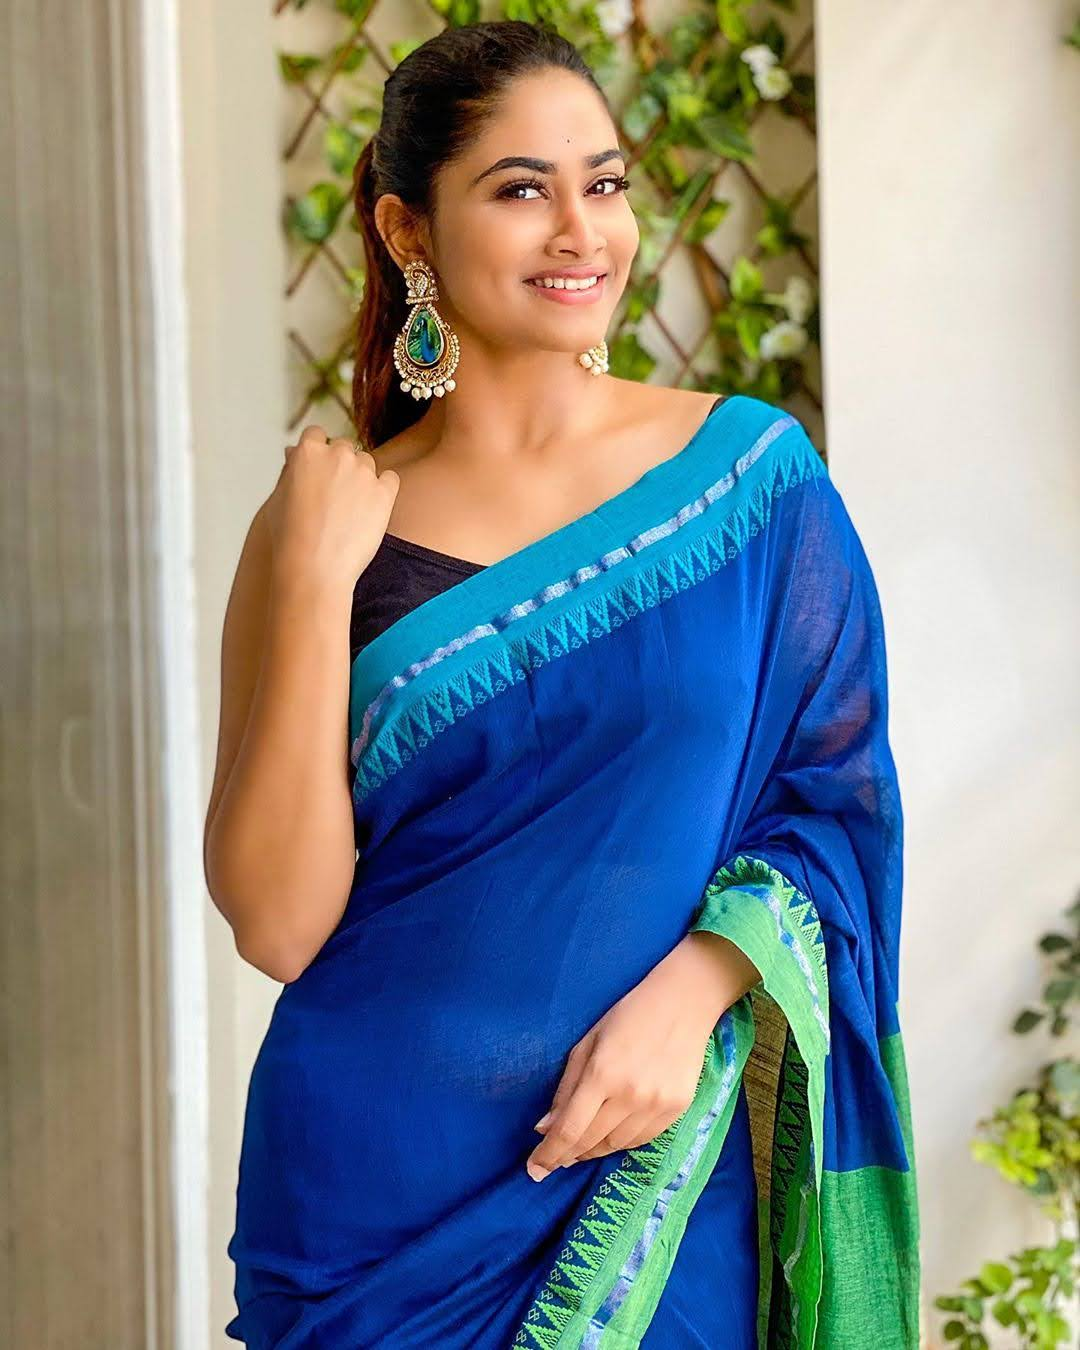 shivani_narayanan_515113210